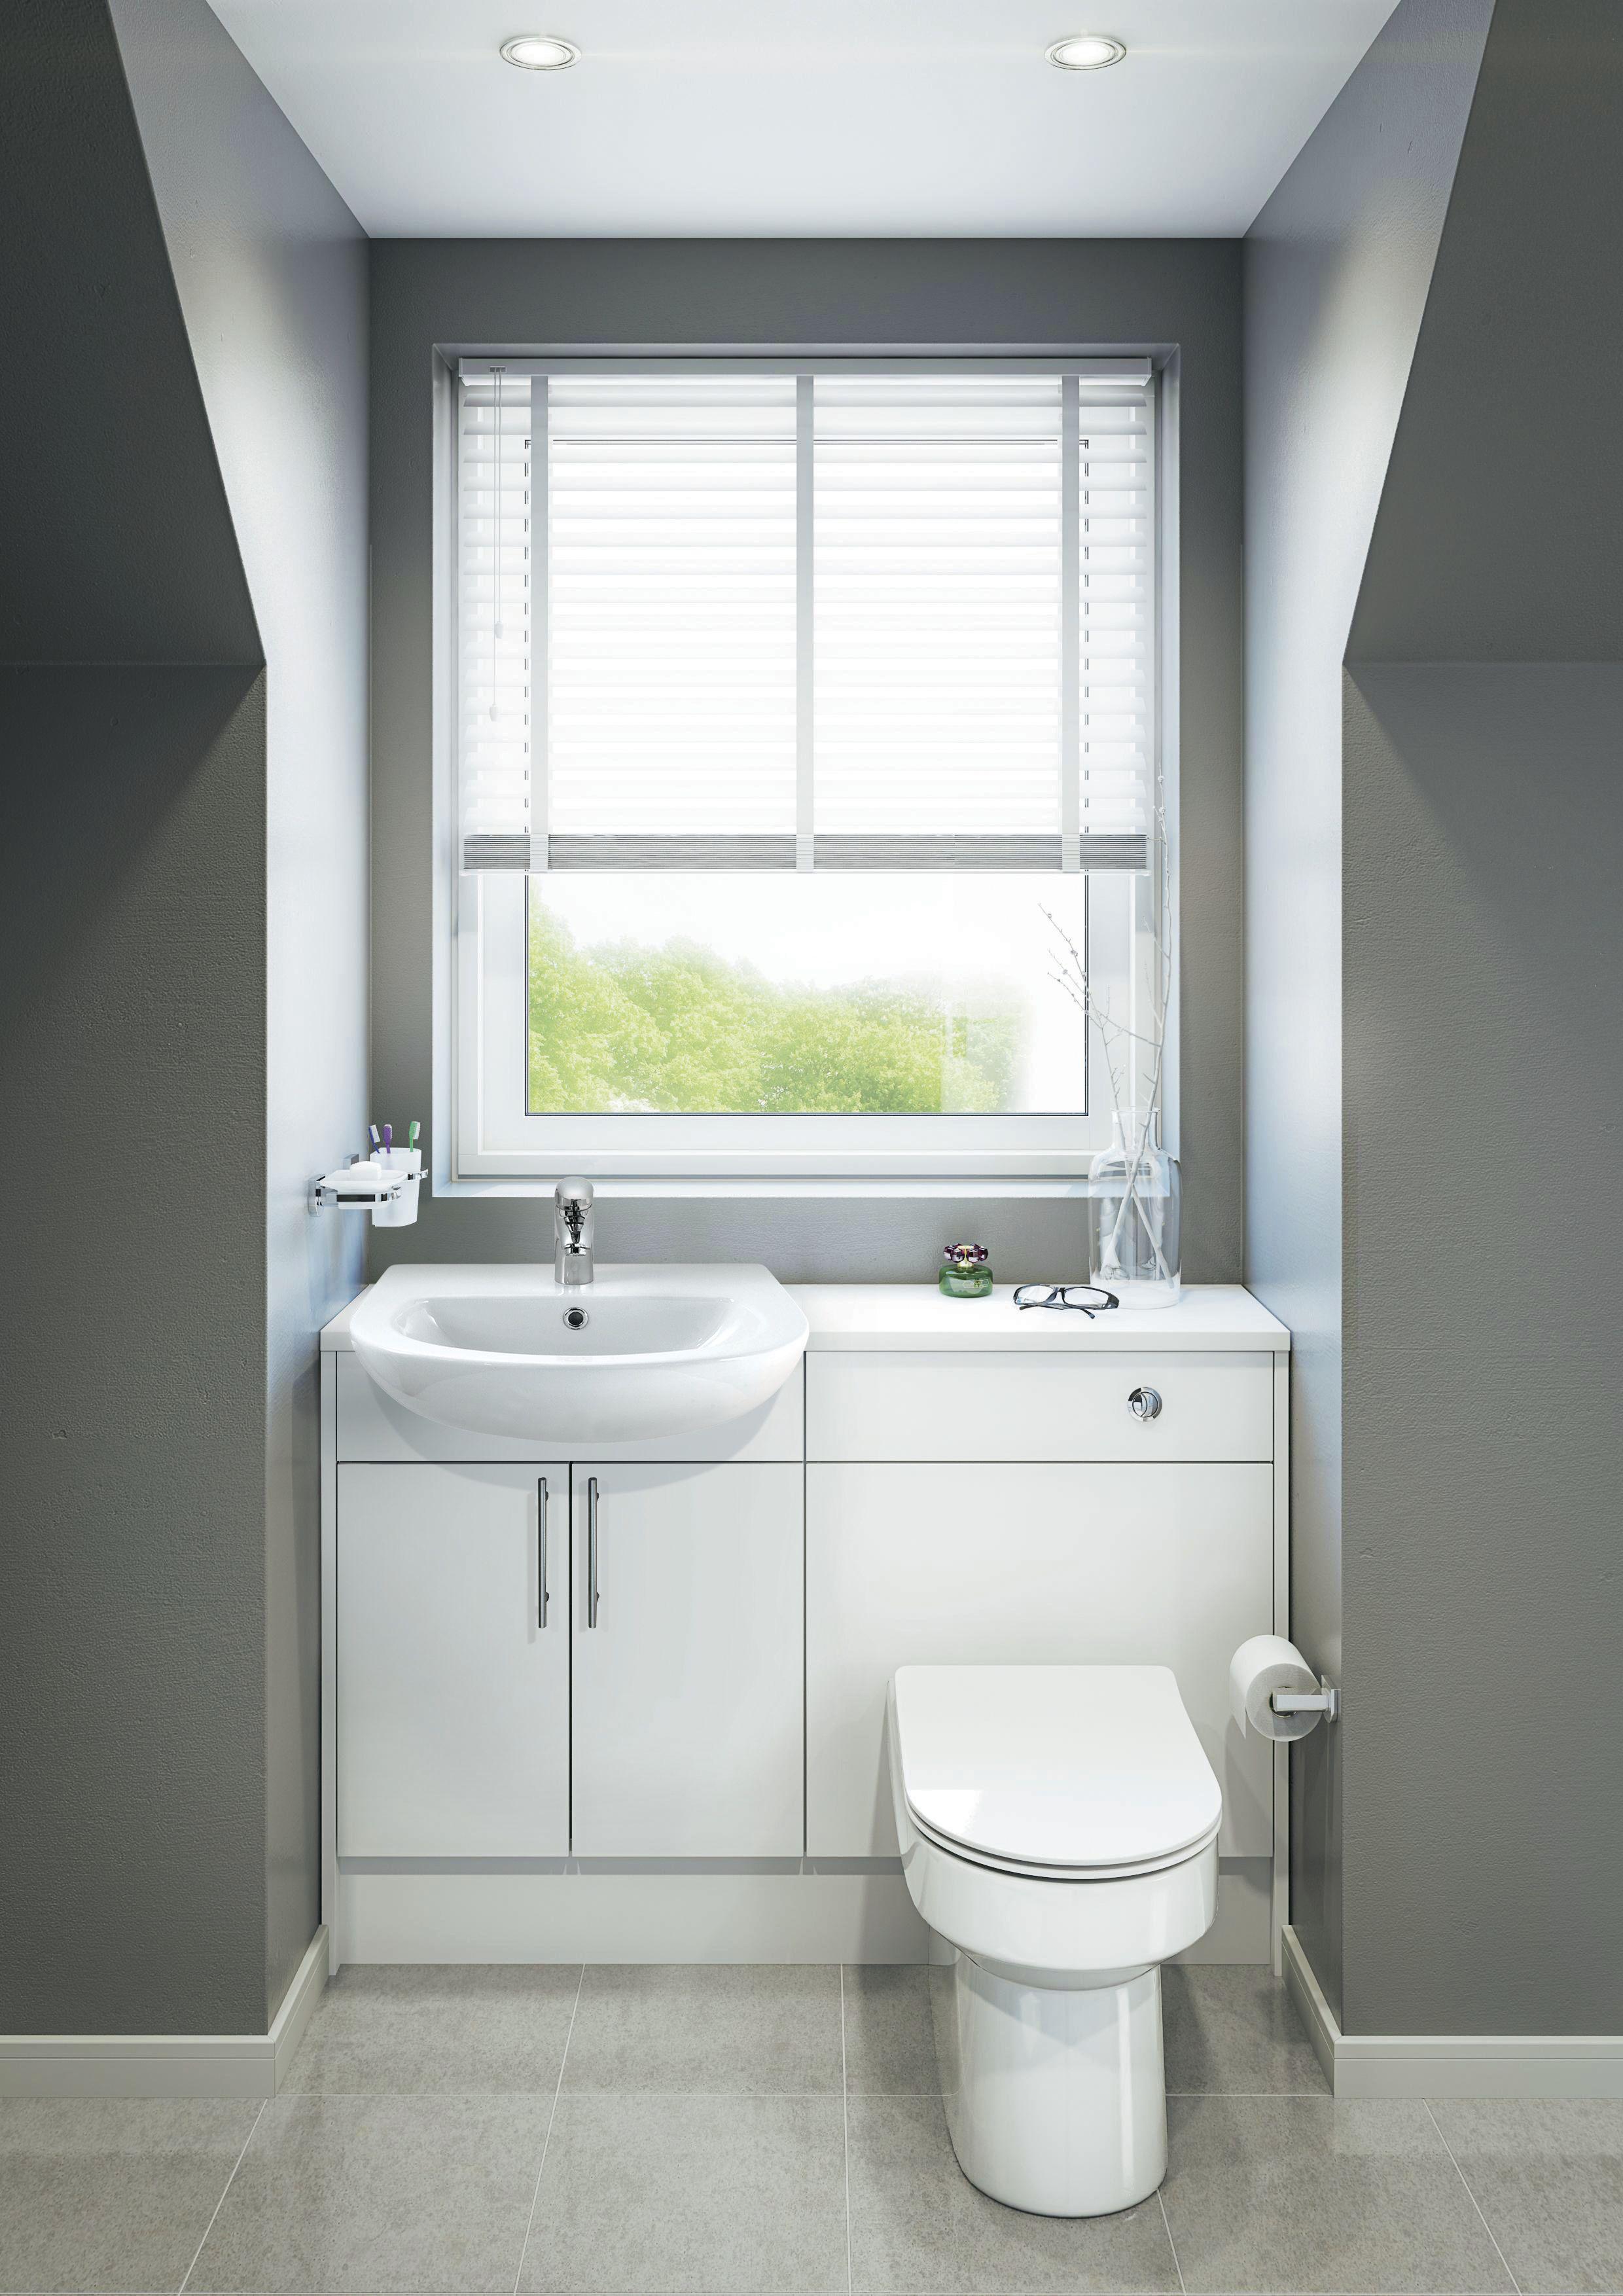 Santini Fitted Bathroom Furniture